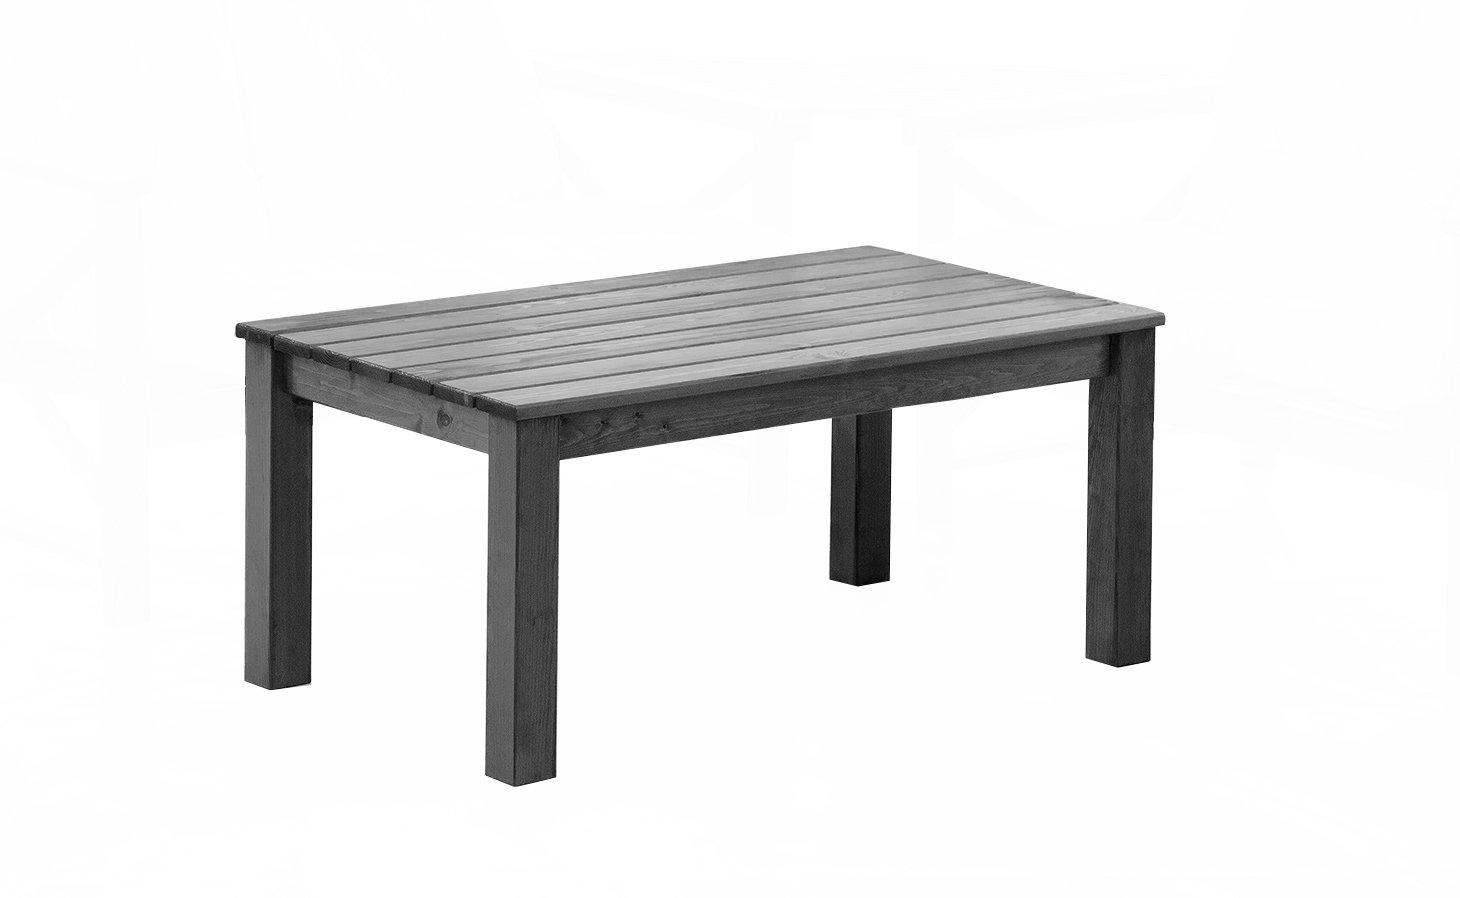 GARDENho.me Massivholz Tisch OSLO Taupegrau ca. 110x50 cm Couchtisch